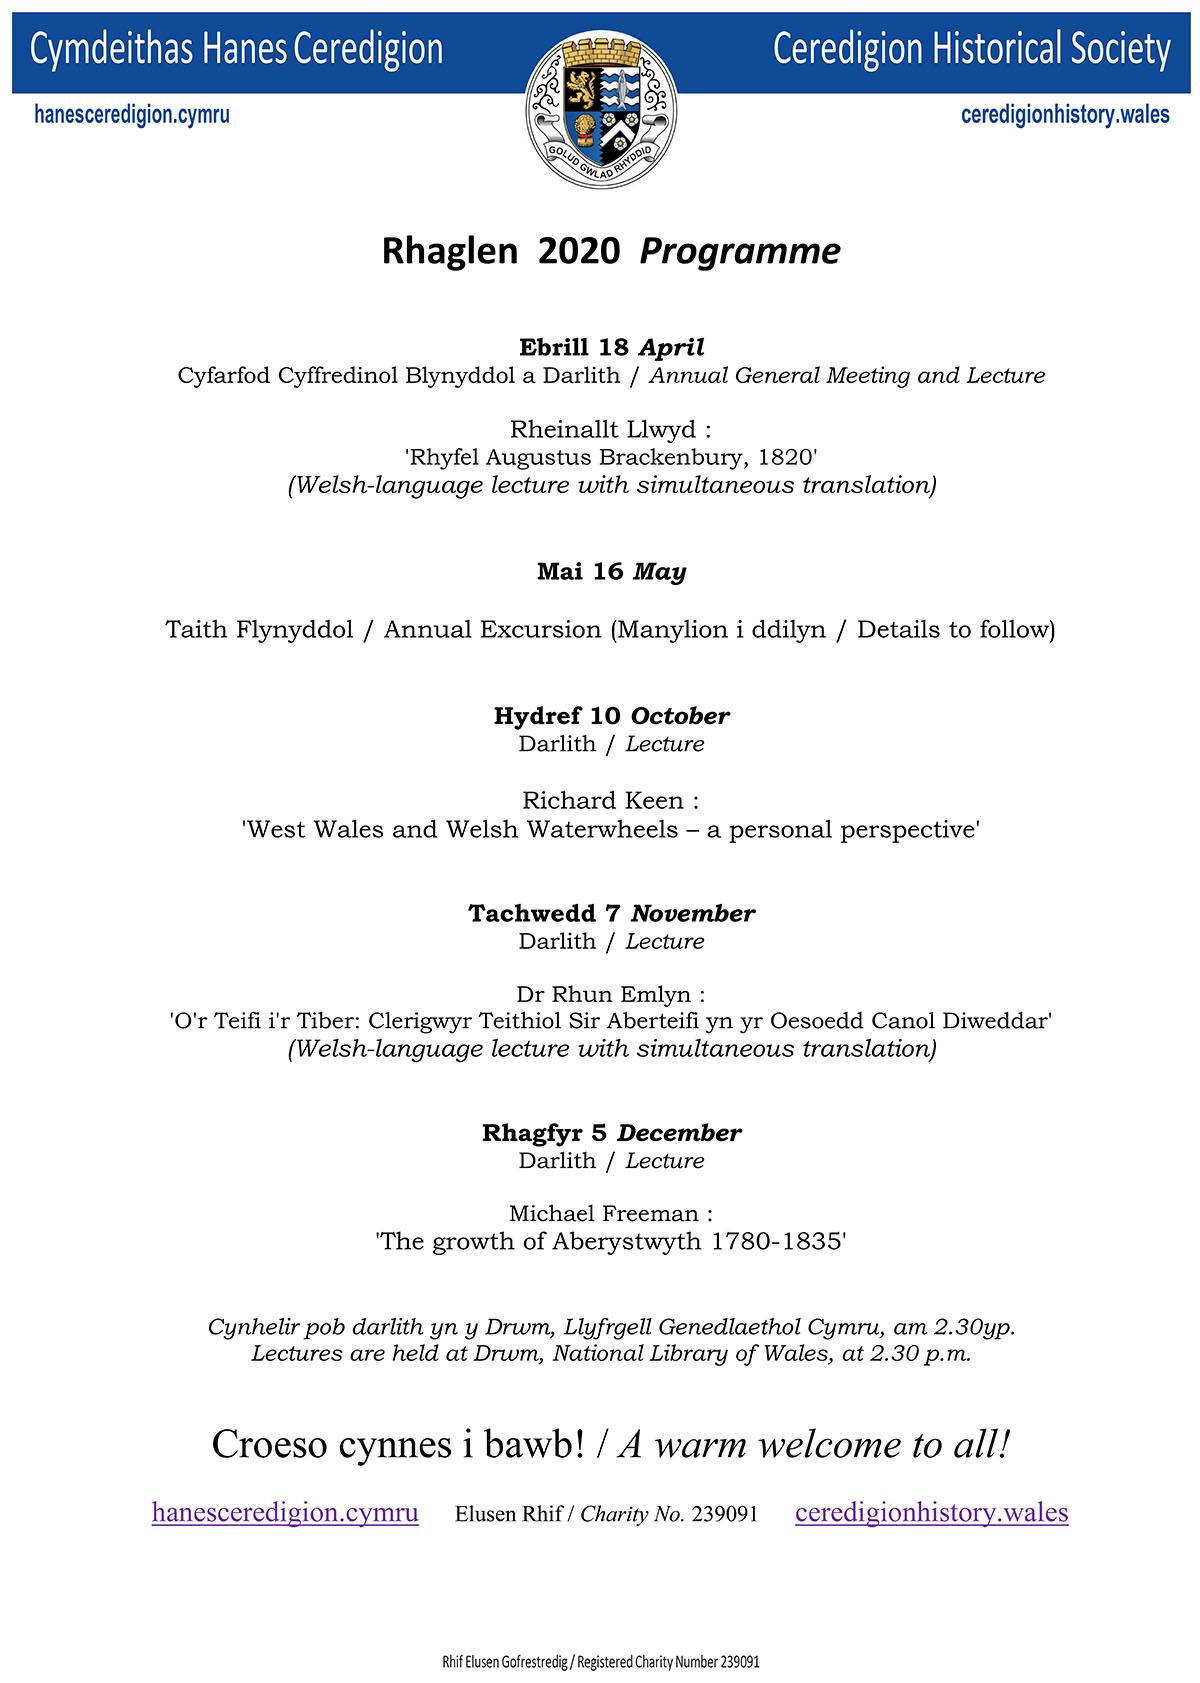 Cymdeithas Hanes Ceredigion - Ceredigion Historical Society - 2020